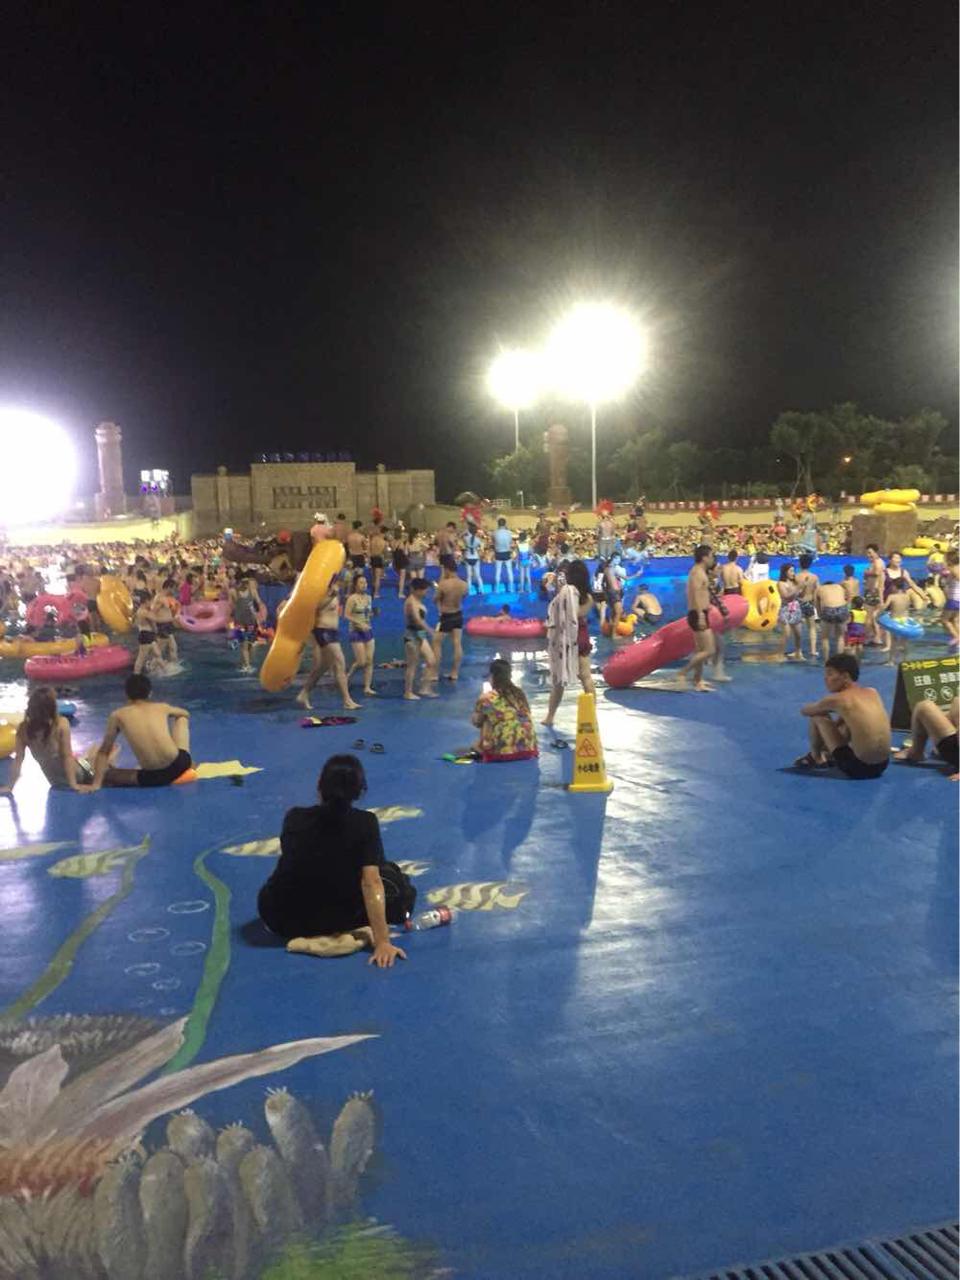 上海玛雅海滩水公园   上海玛雅海滩水公园(夜场票) - 成人票图片